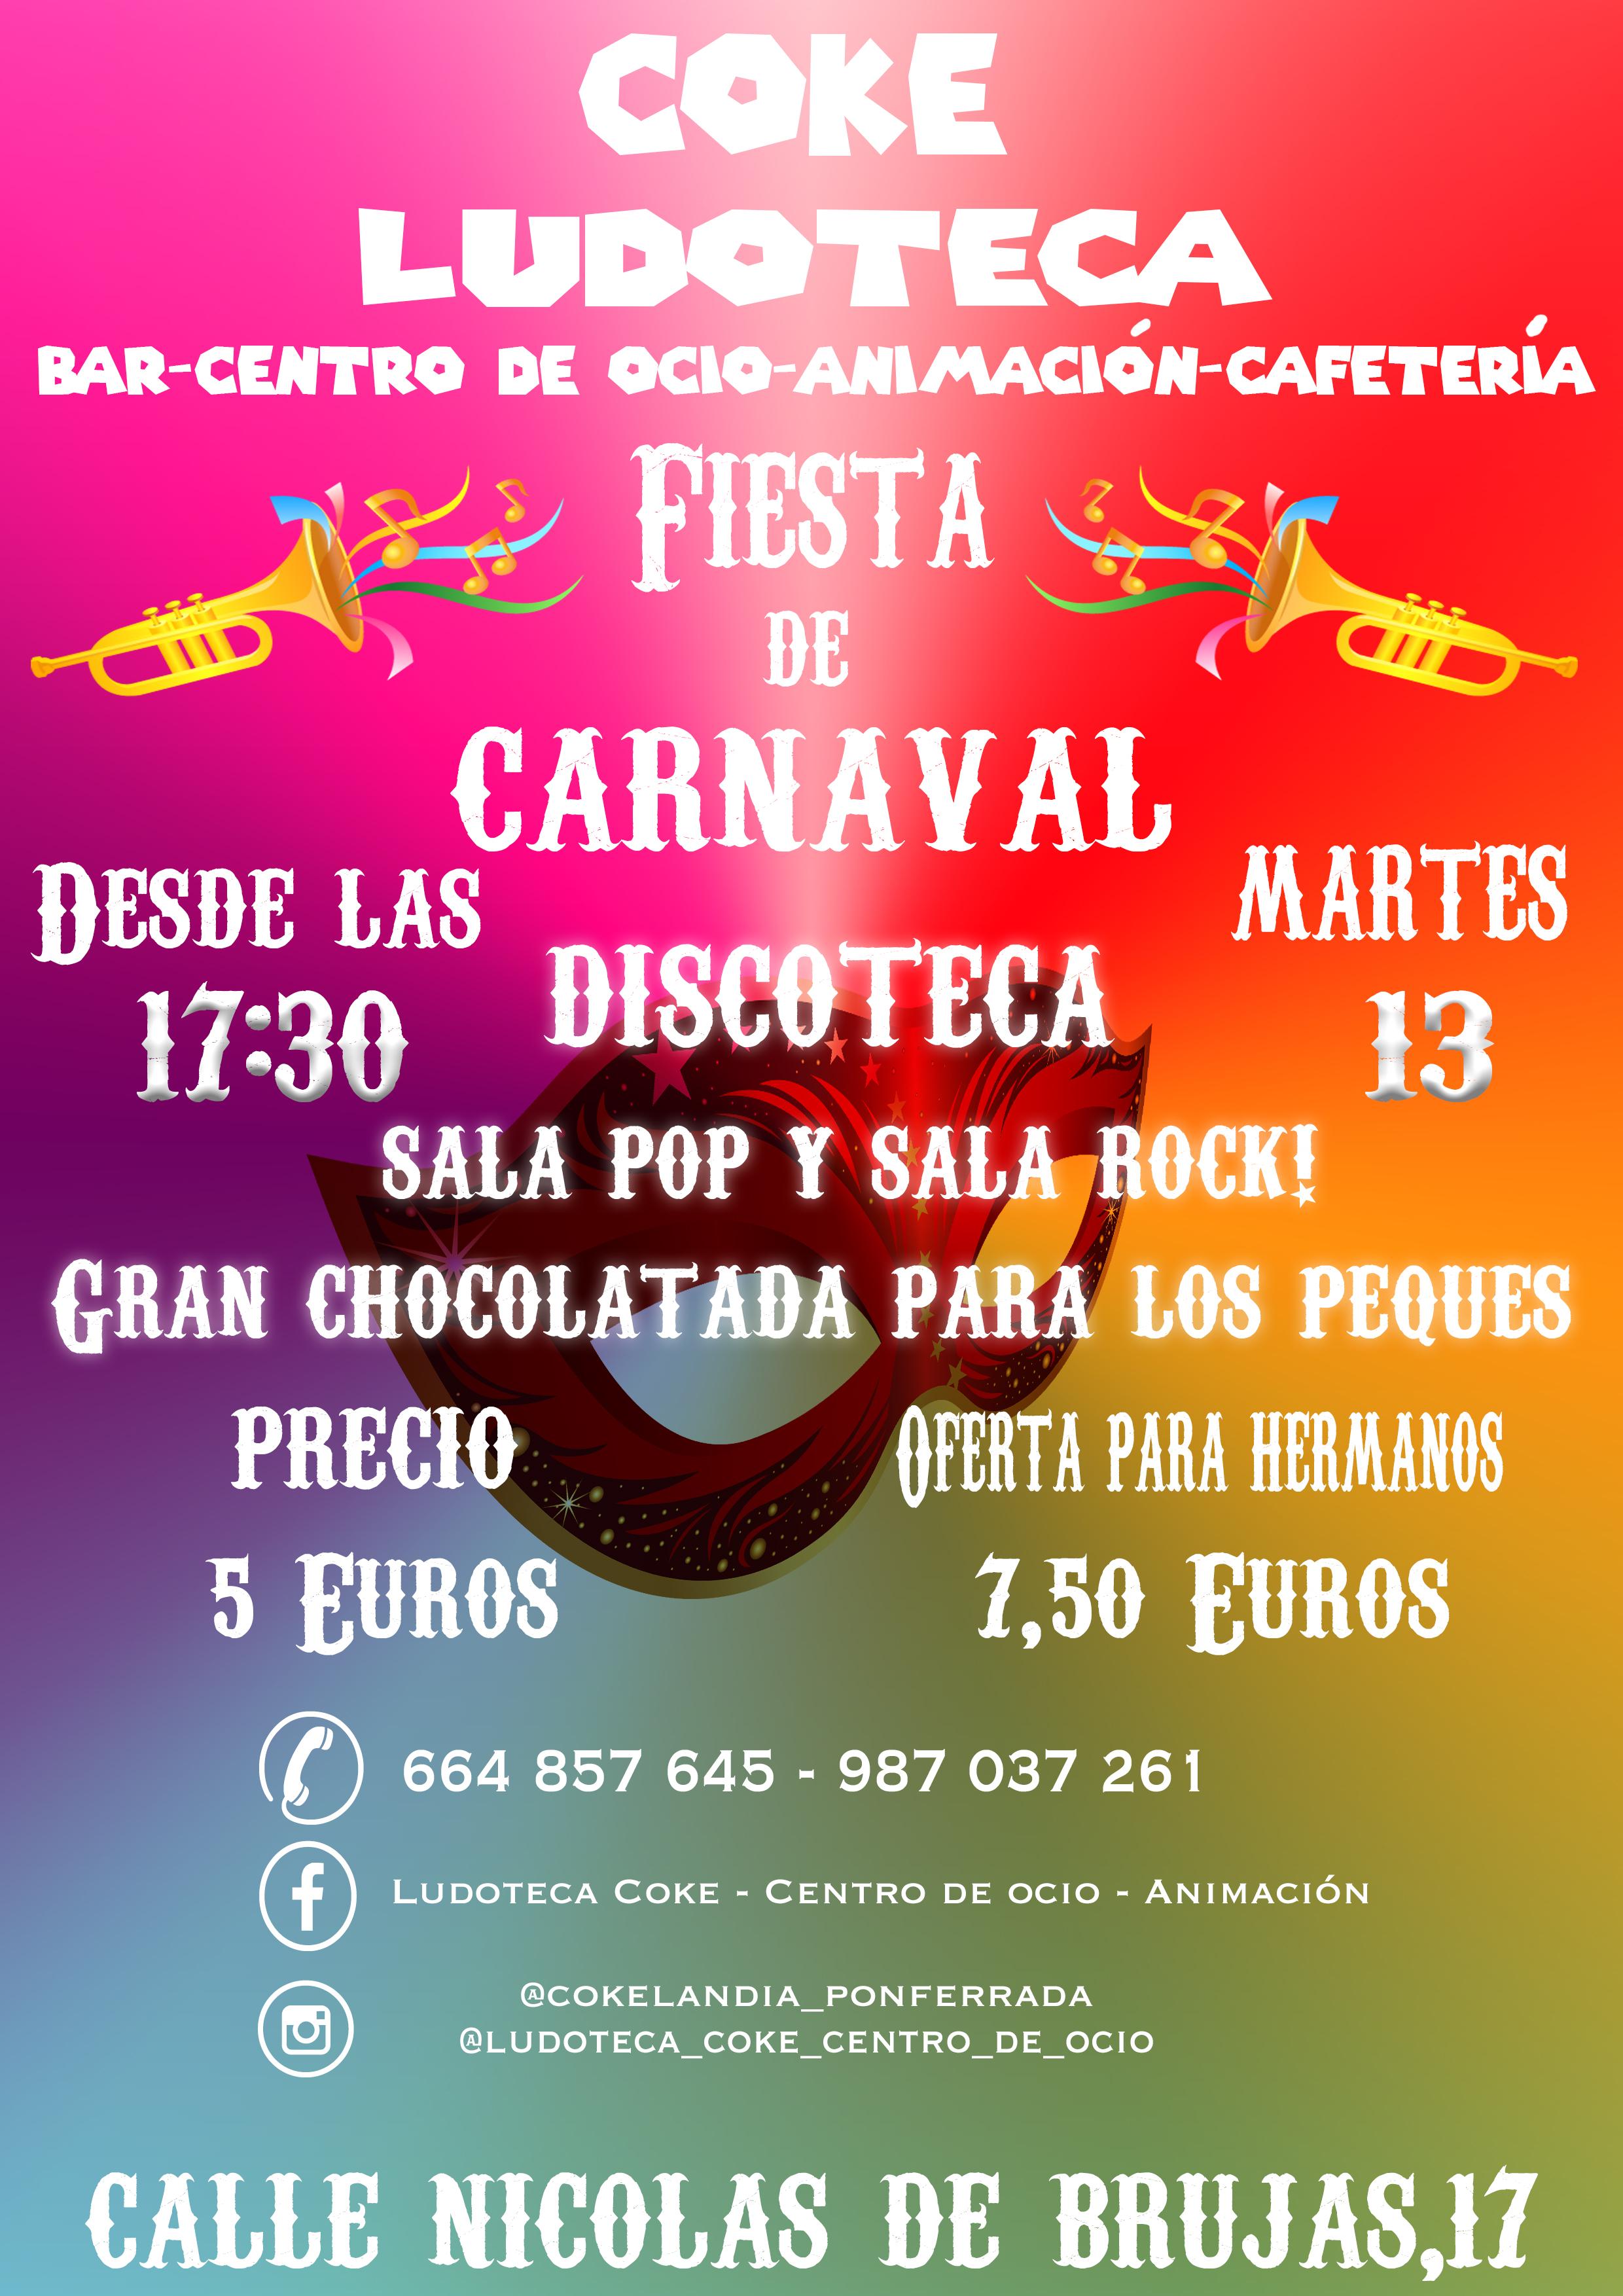 Agenda del Carnaval 2018 en el Bierzo. Guía con las fechas, recorridos y premios 28